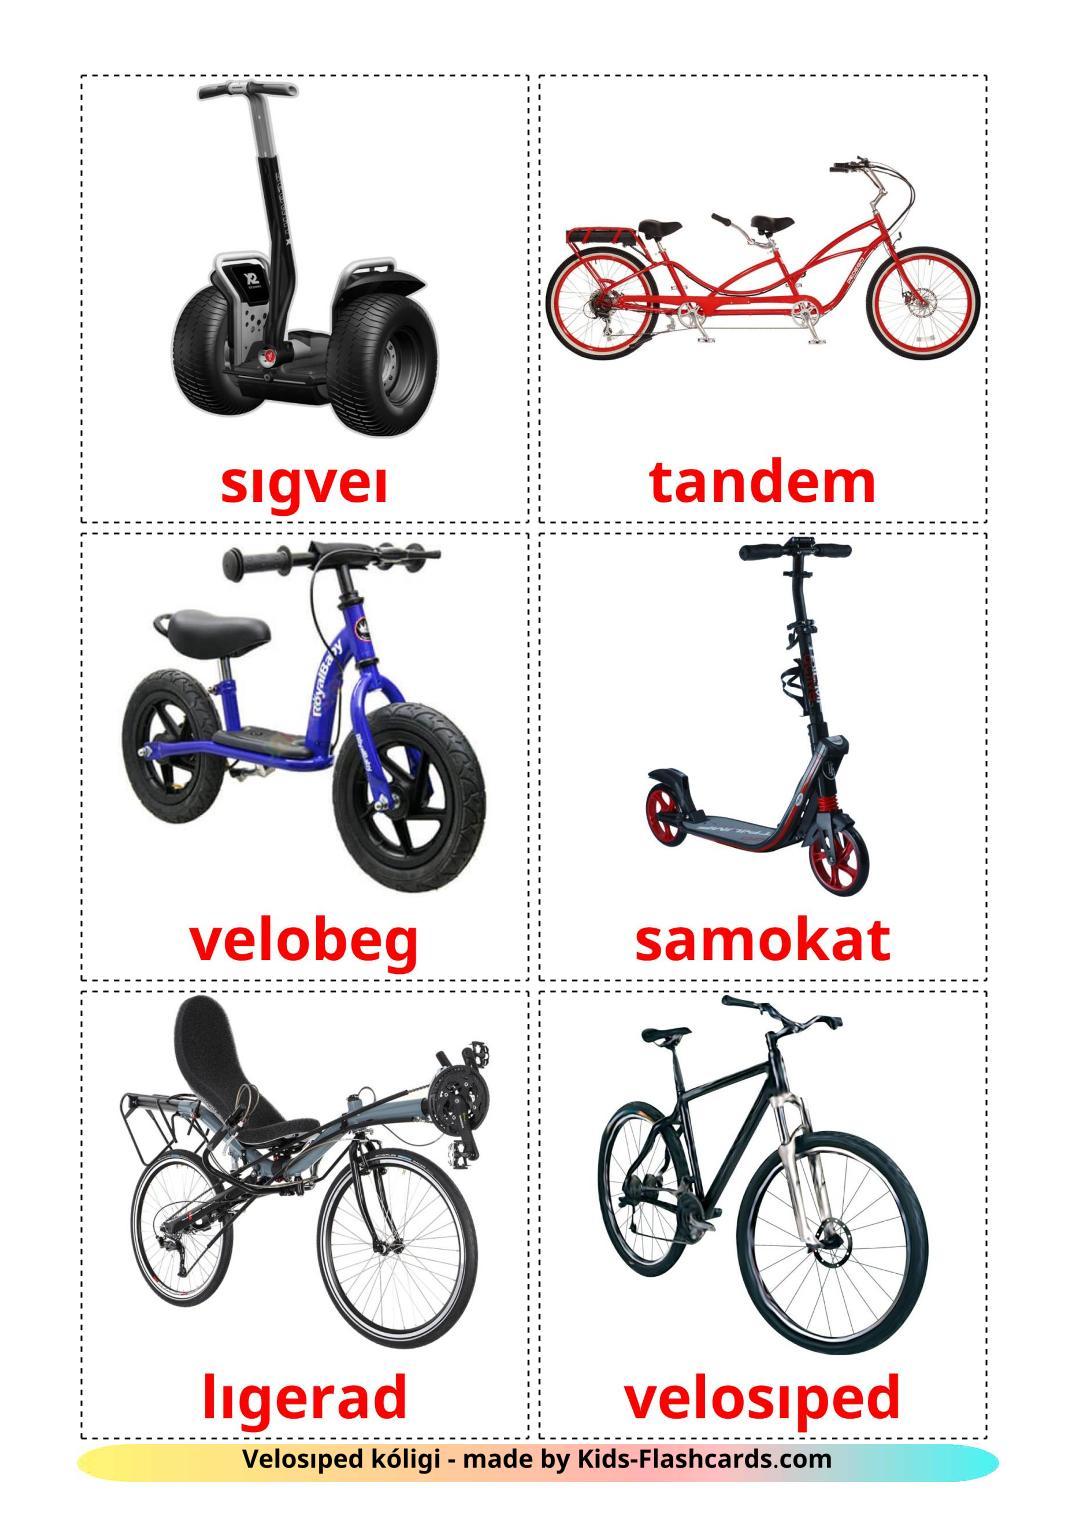 Bicycle transport - 16 Free Printable kazakh(latin) Flashcards